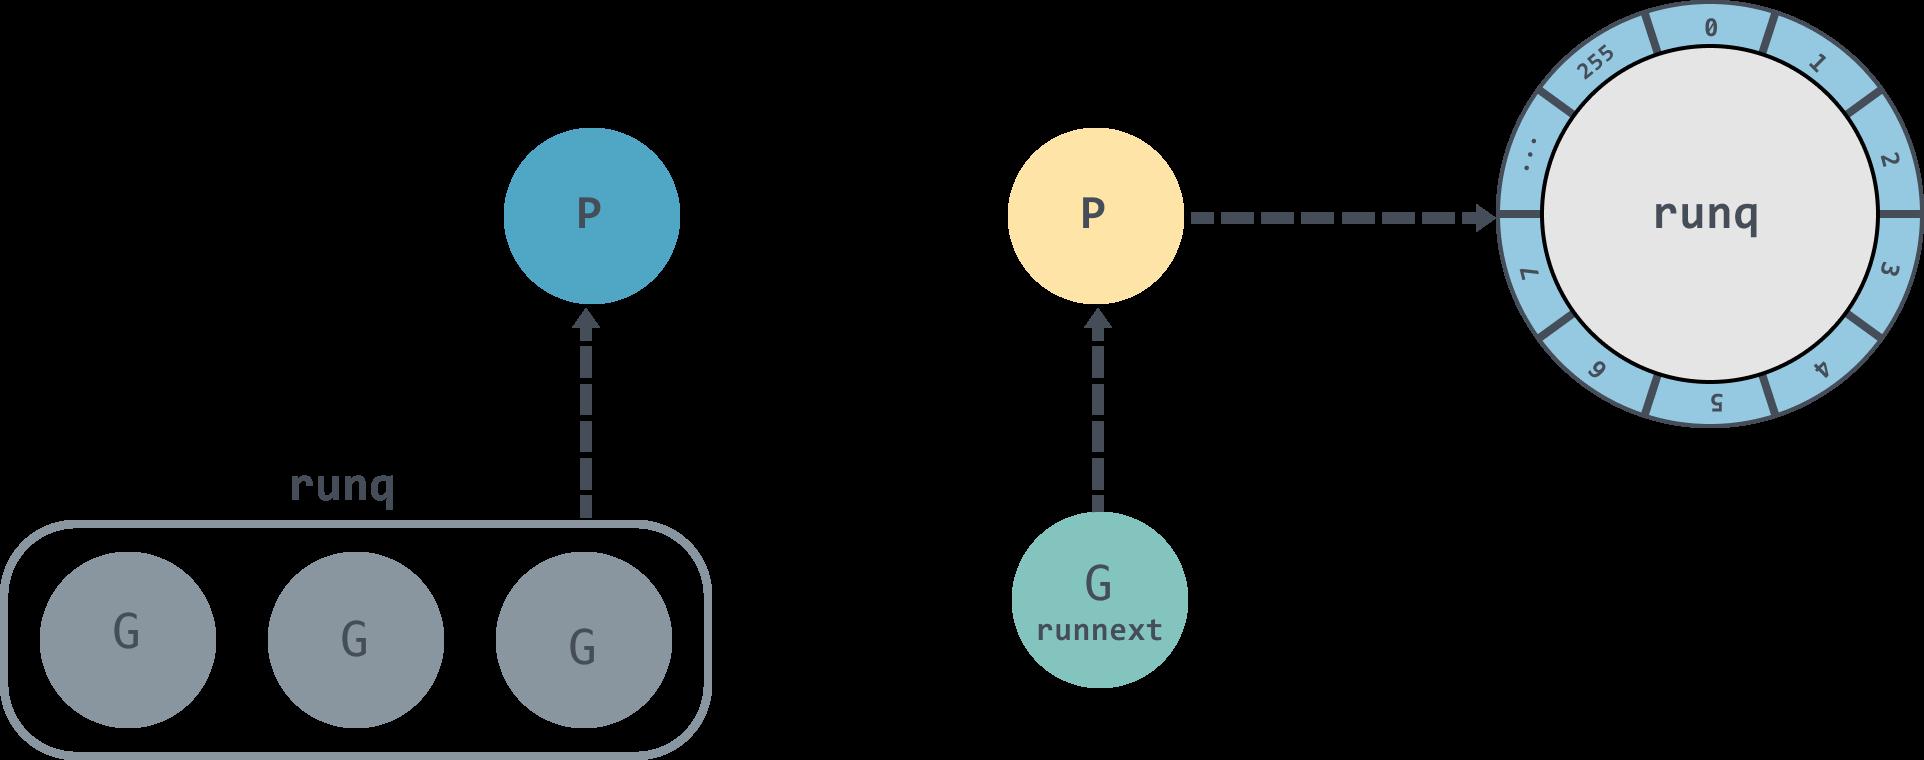 详解Go语言调度循环源码实现